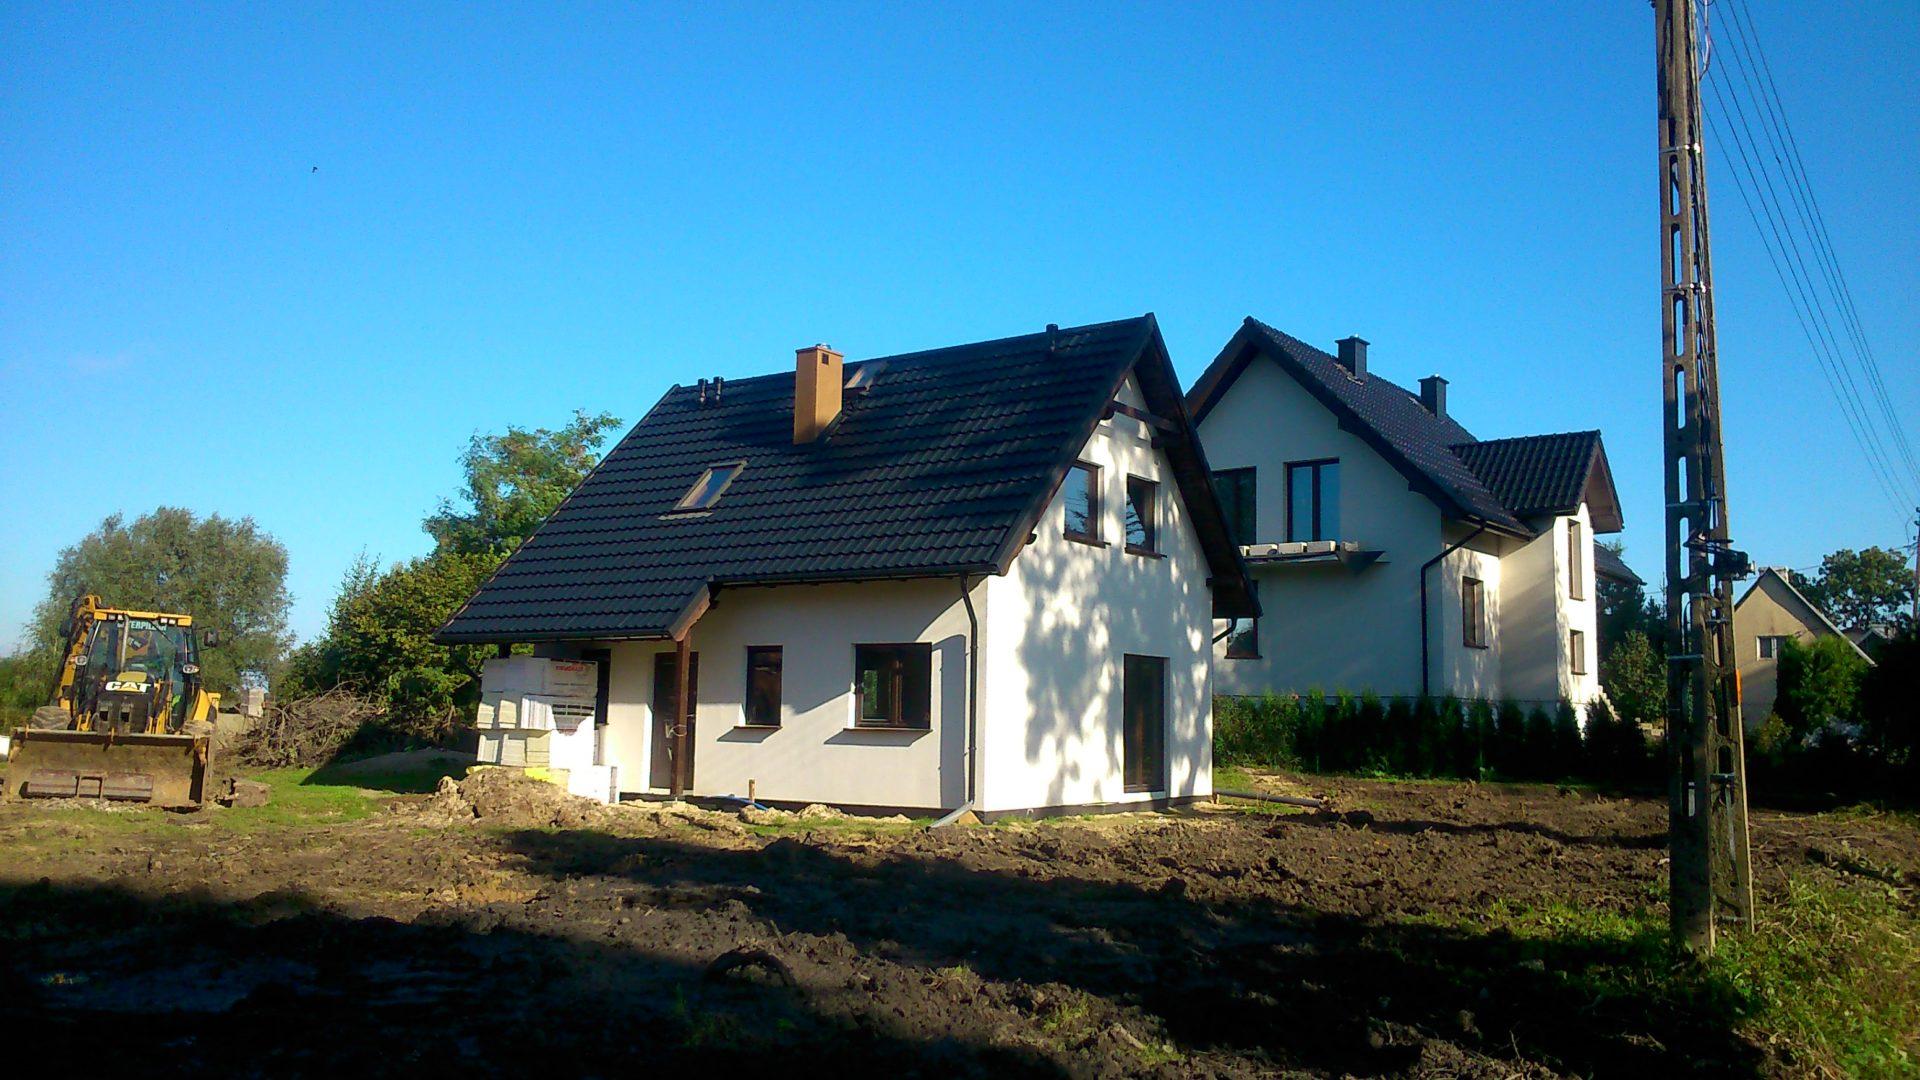 domy drewniane szkieletowe gdańsk kościerzyna kartuzy domy gora